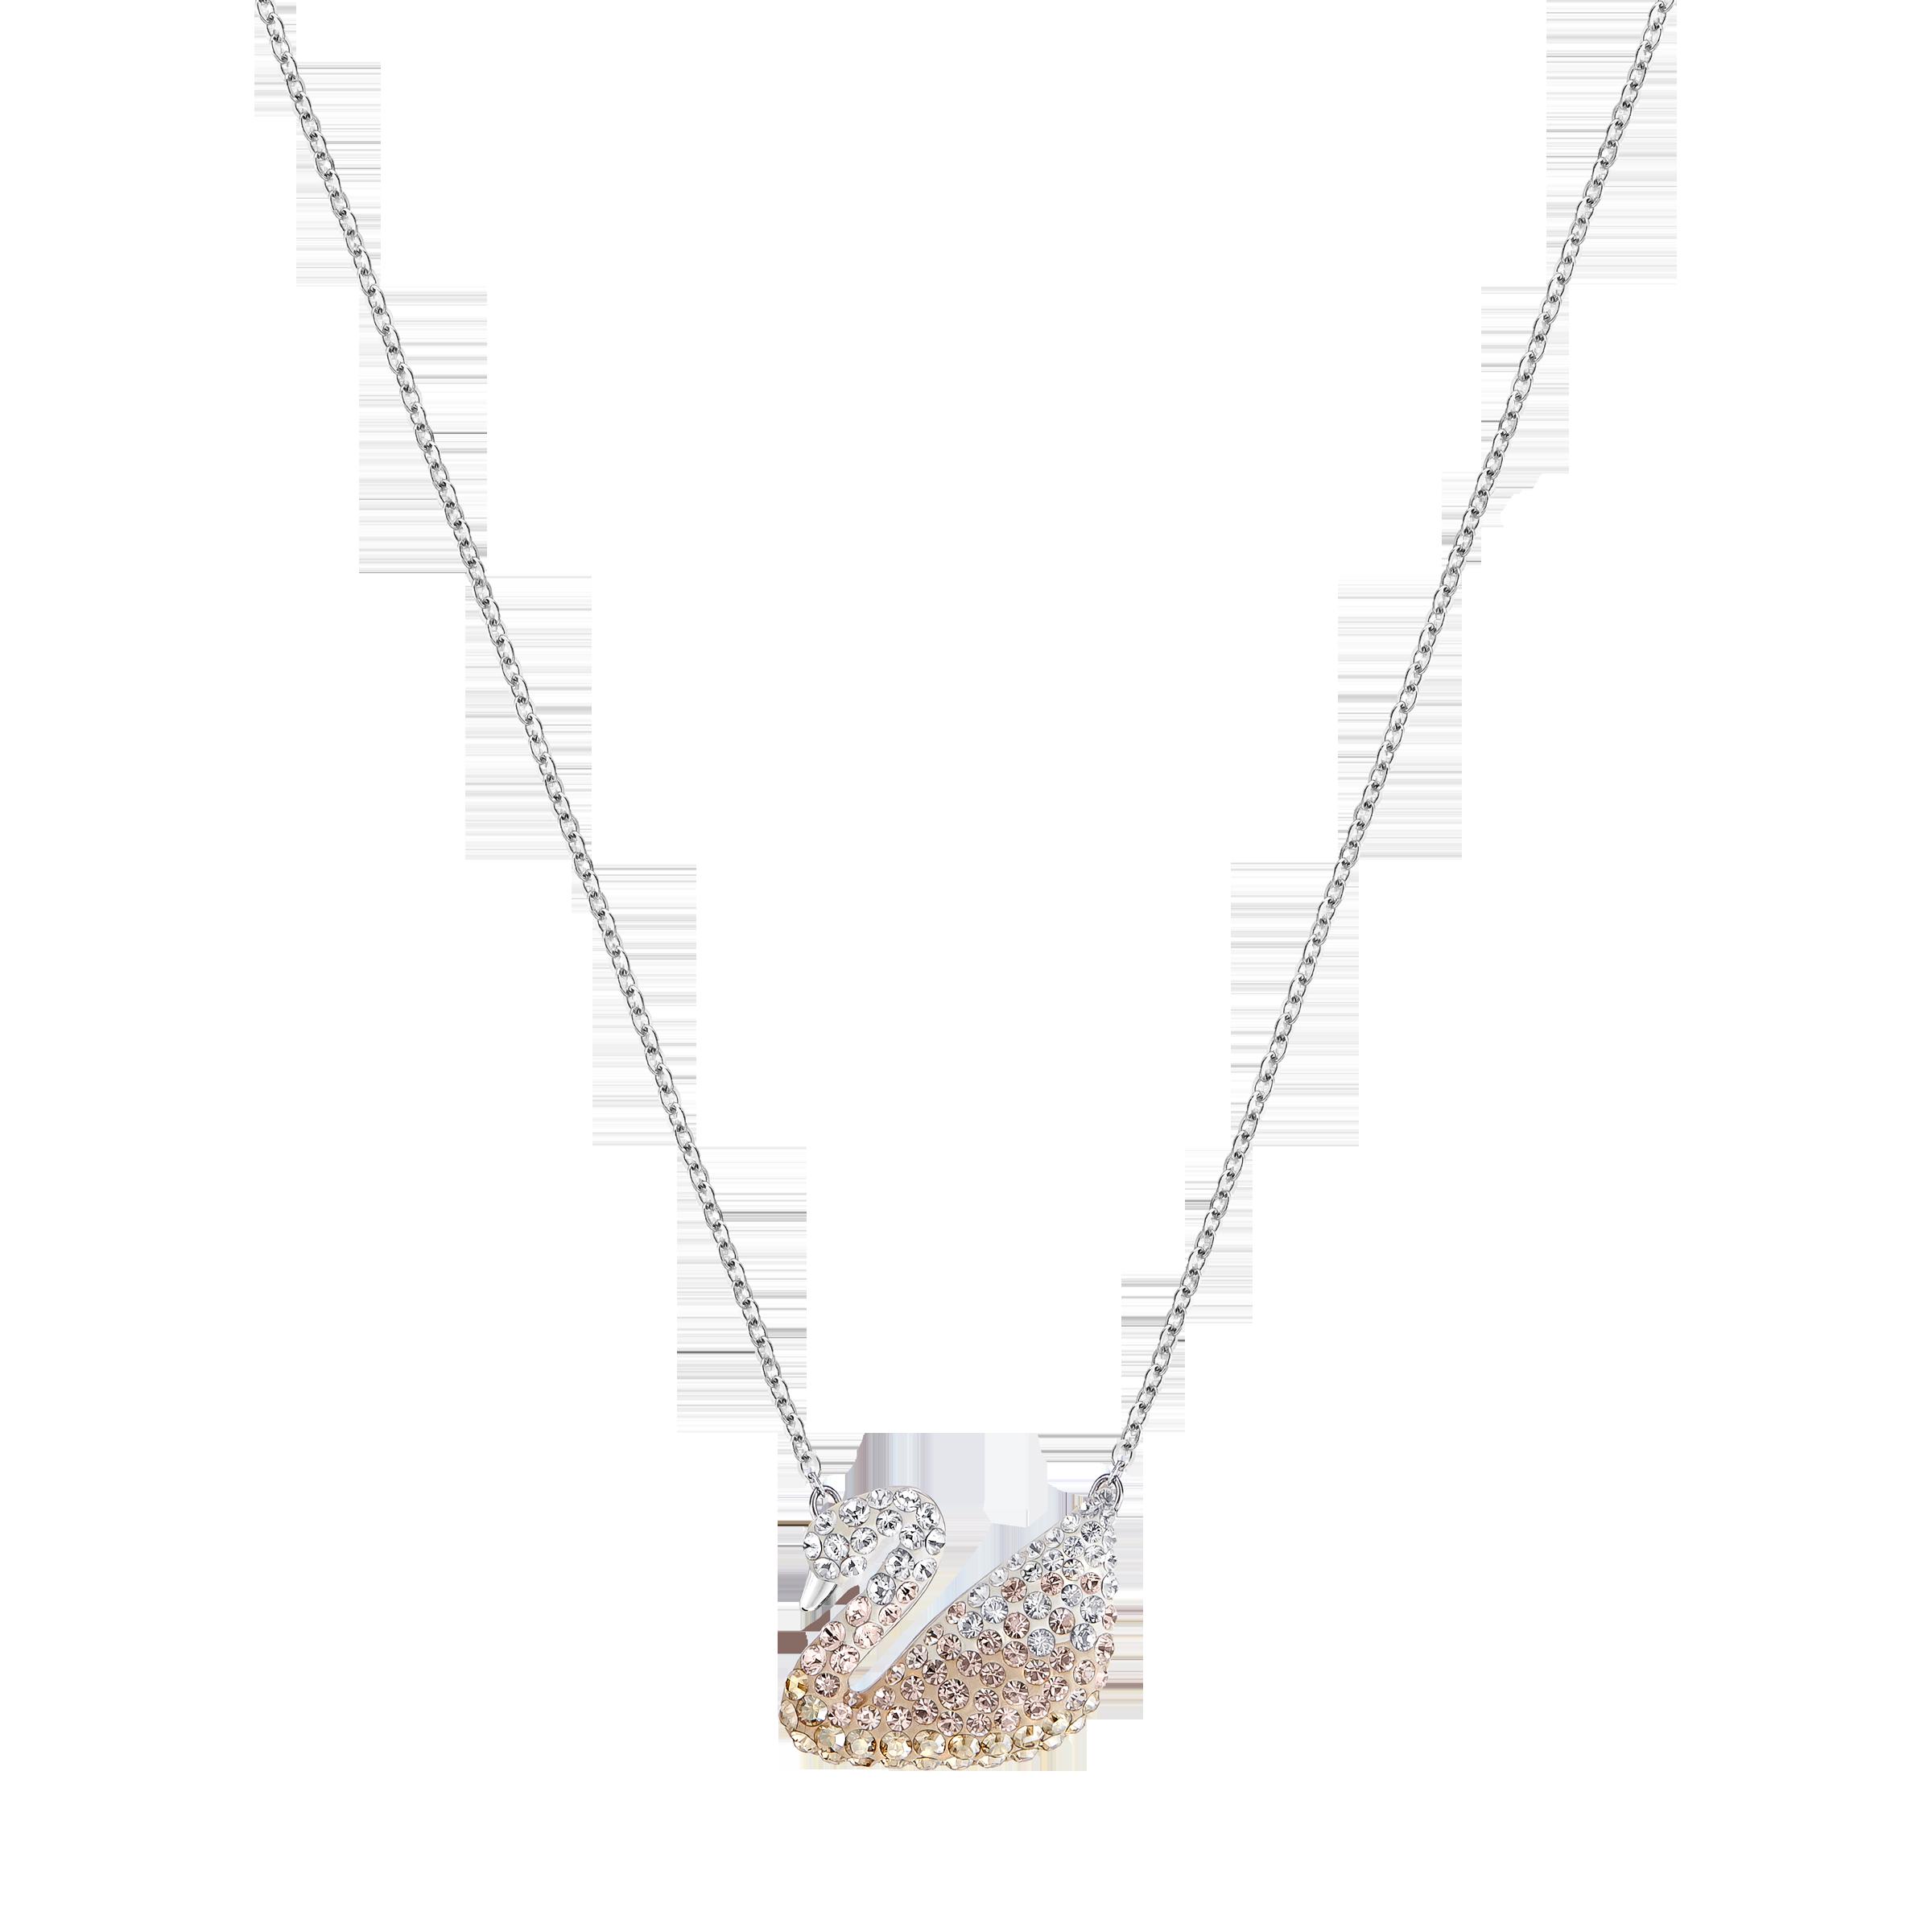 تعليقة Iconic Swan، متعددة الألوان، بطلاء من الروديوم